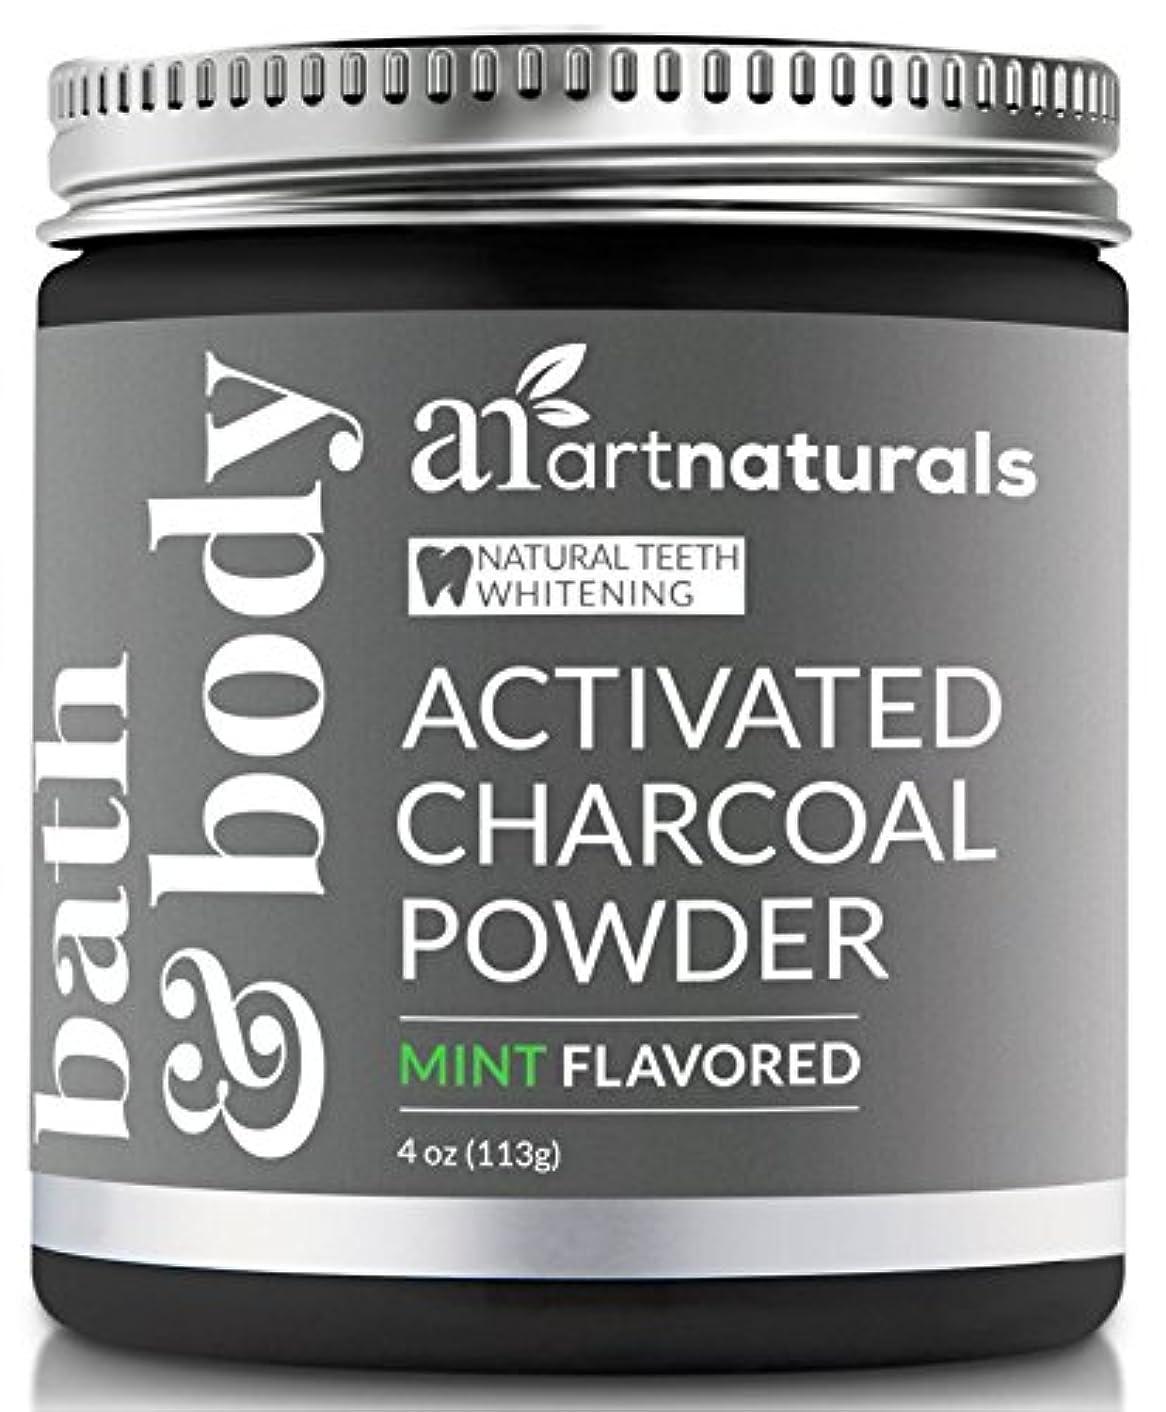 キャプションハイライトラオス人ArtNaturals Teeth Whitening Charcoal Powder - (4 Oz / 113g) - Activated Charcoal for a Natural, Non-Abrassive...